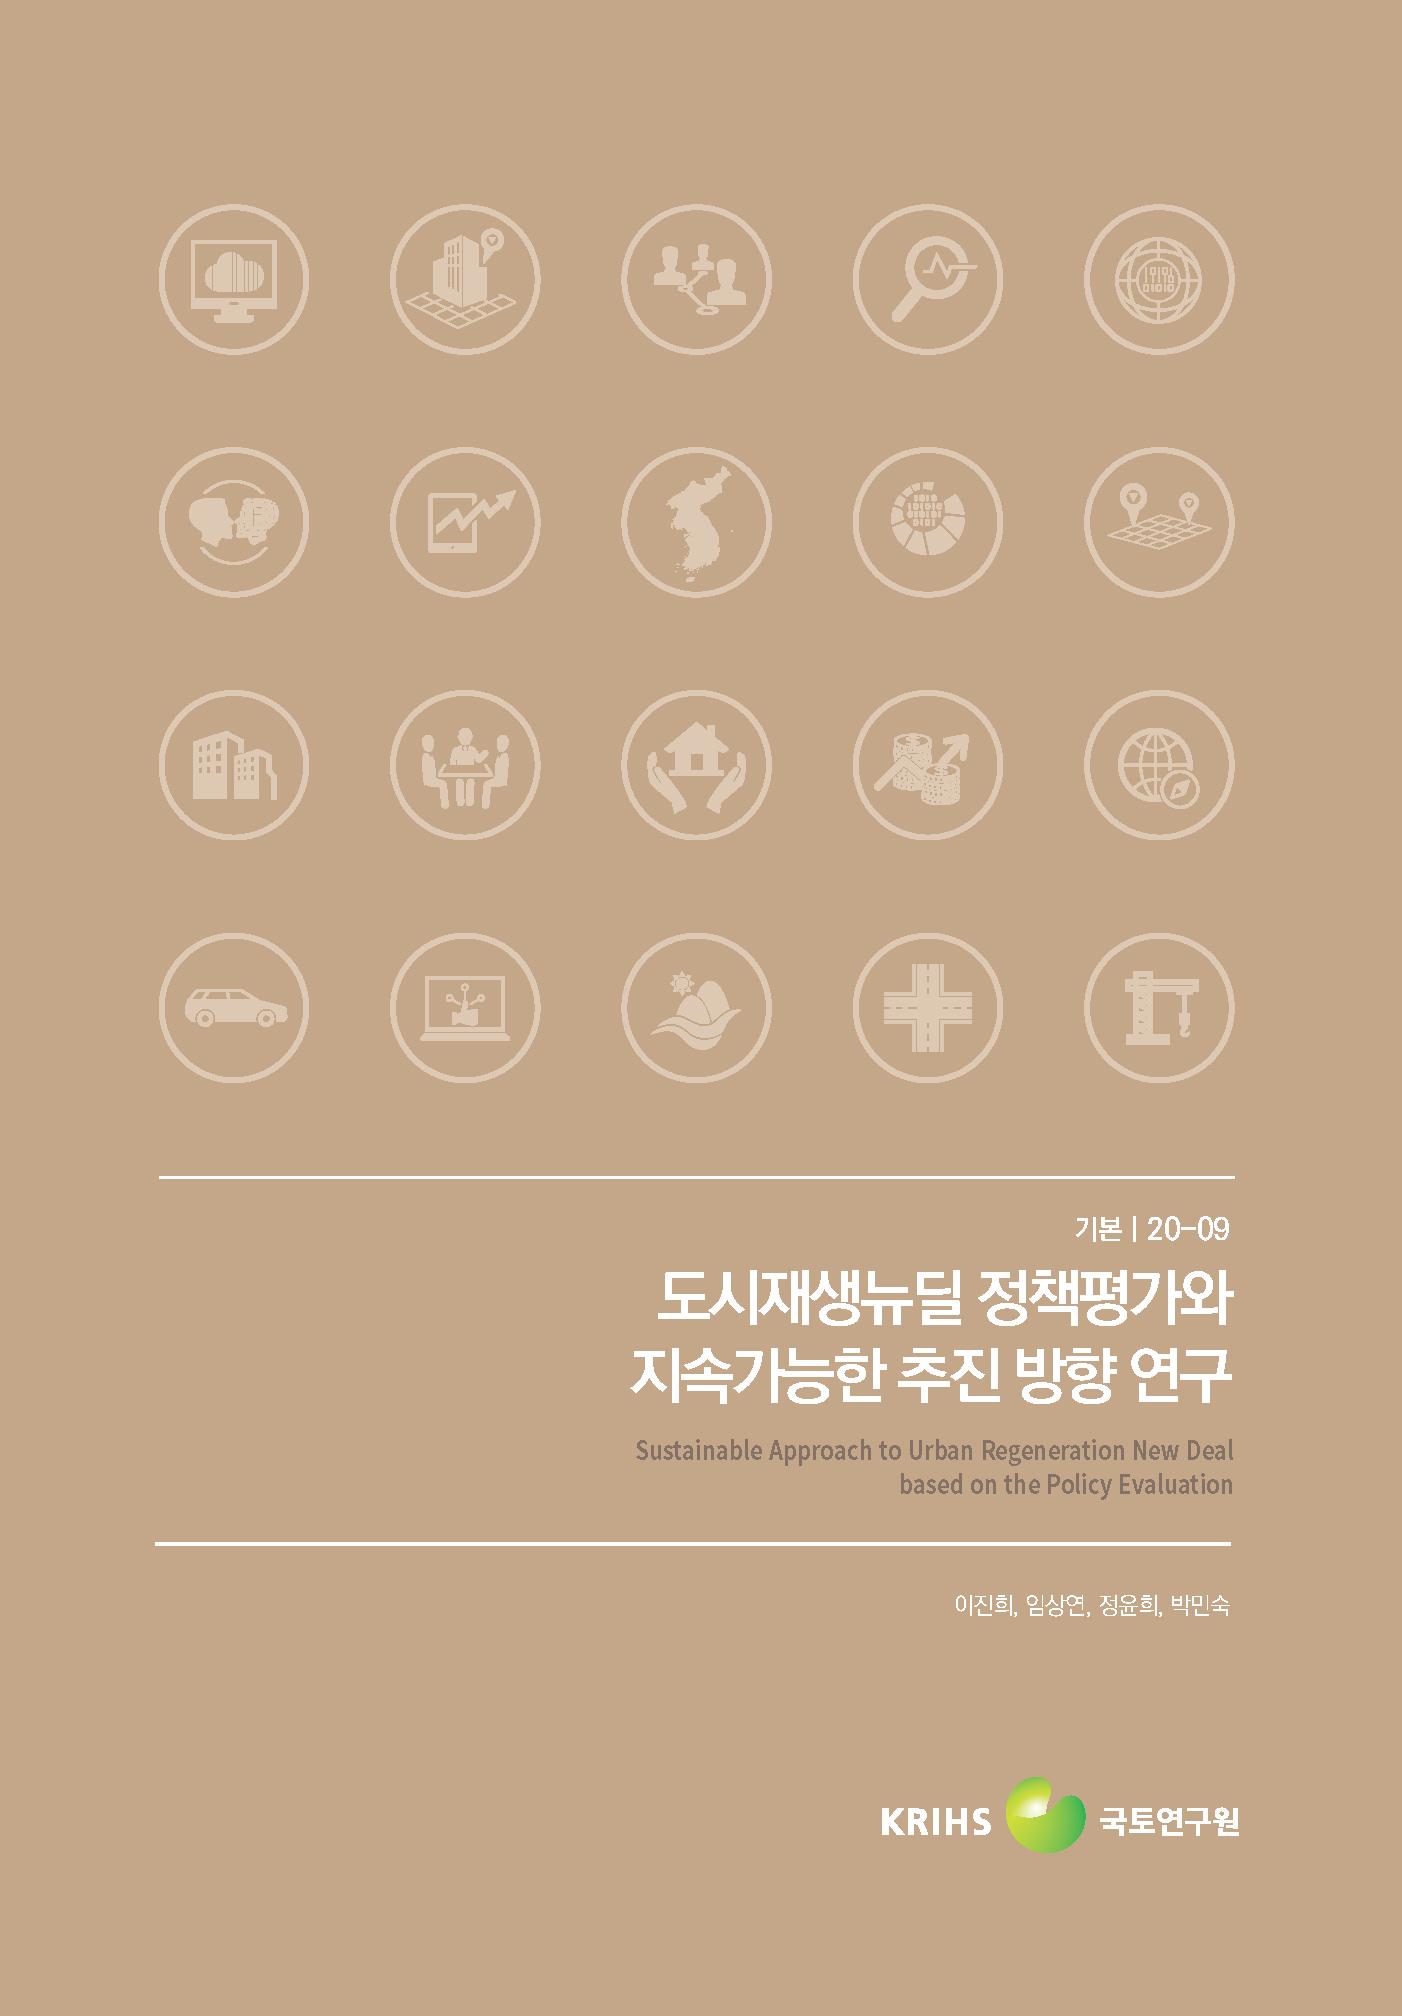 도시재생뉴딜 정책평가와 지속가능한 추진 방향 연구표지